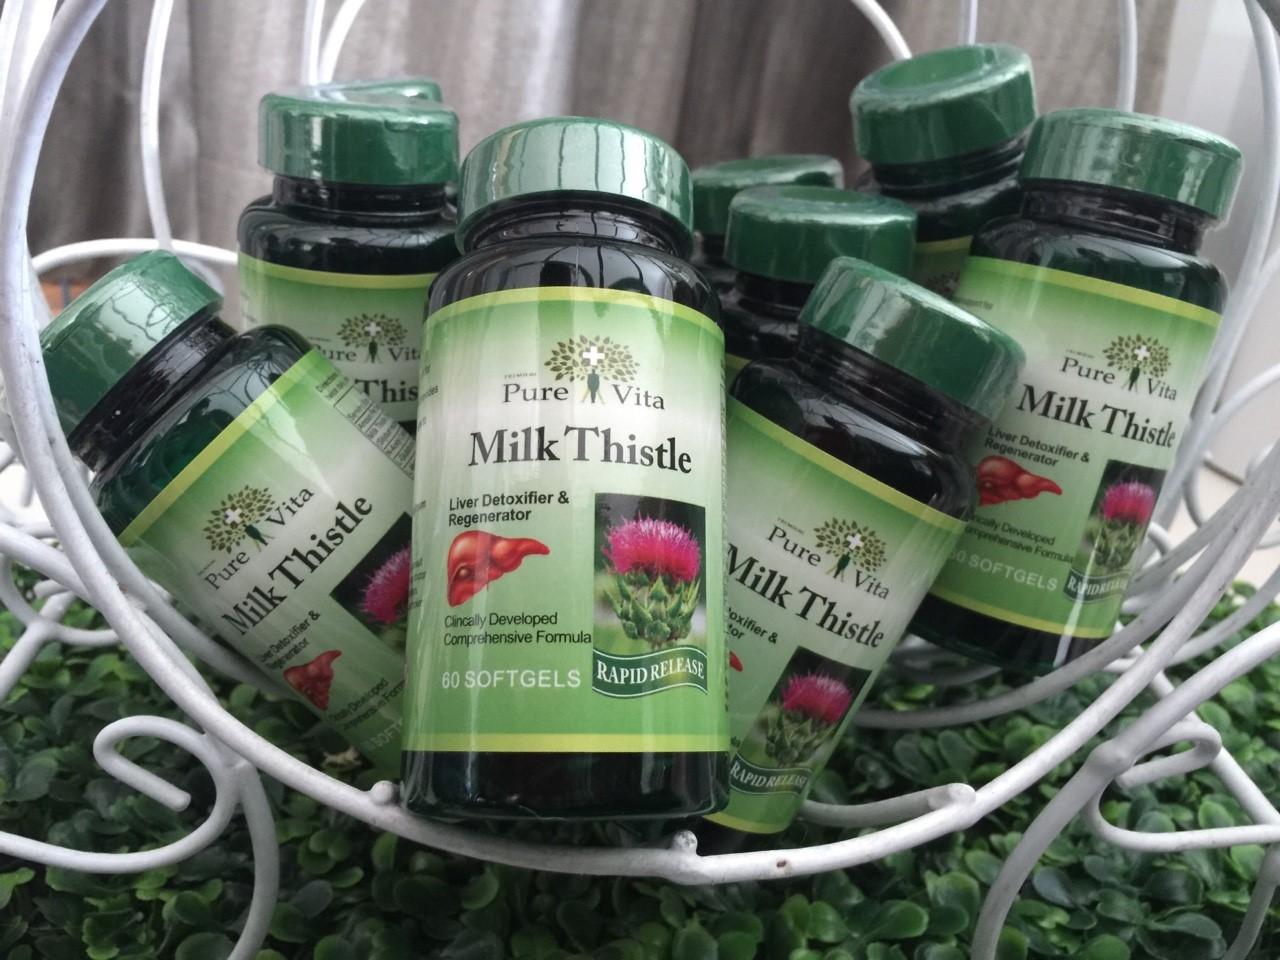 ตามินล้างตับPure Vita Milk Thistle 60 softgels บำรุงตับ ล้างสารพิษตกค้าง ลดไขมันพอกตับ ผิวขาว ใส ไร้ฝ้า เพิ่มประสิทธิภาพอาหารเสริม